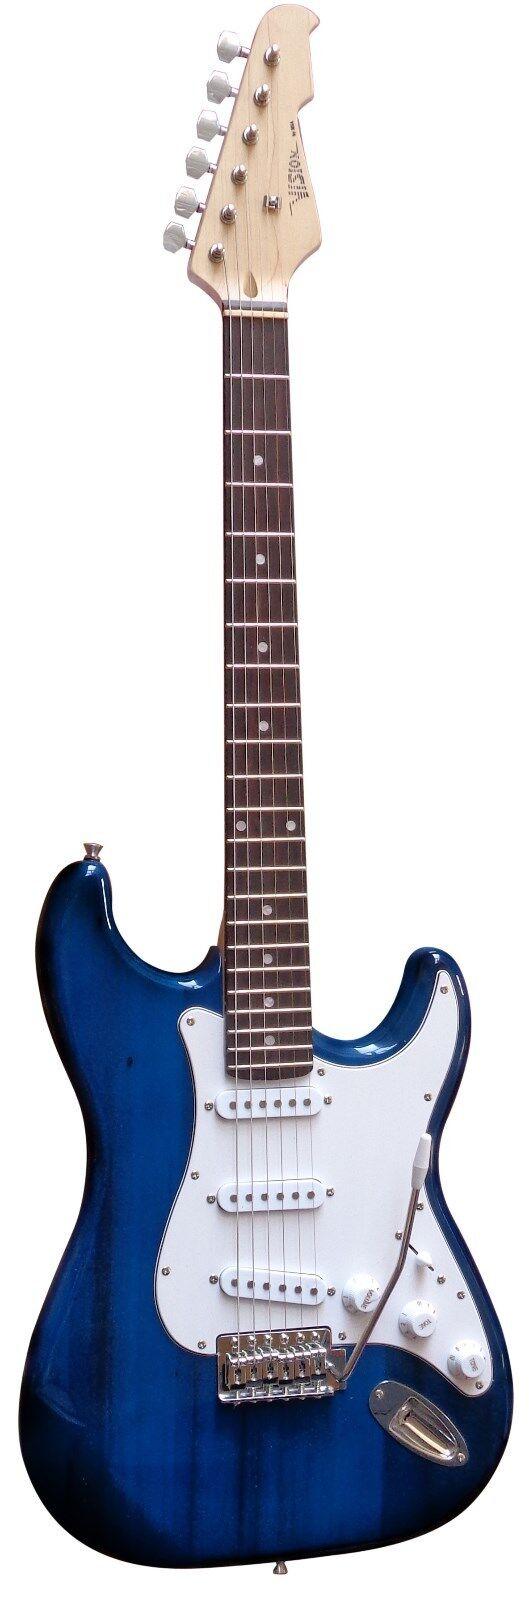 E-Gitarre ST5 dunkelblau, Set - Stimmgerät -Verstärker -Verstärker -Verstärker GW15,Tasche,Band,Kabel eb3e07